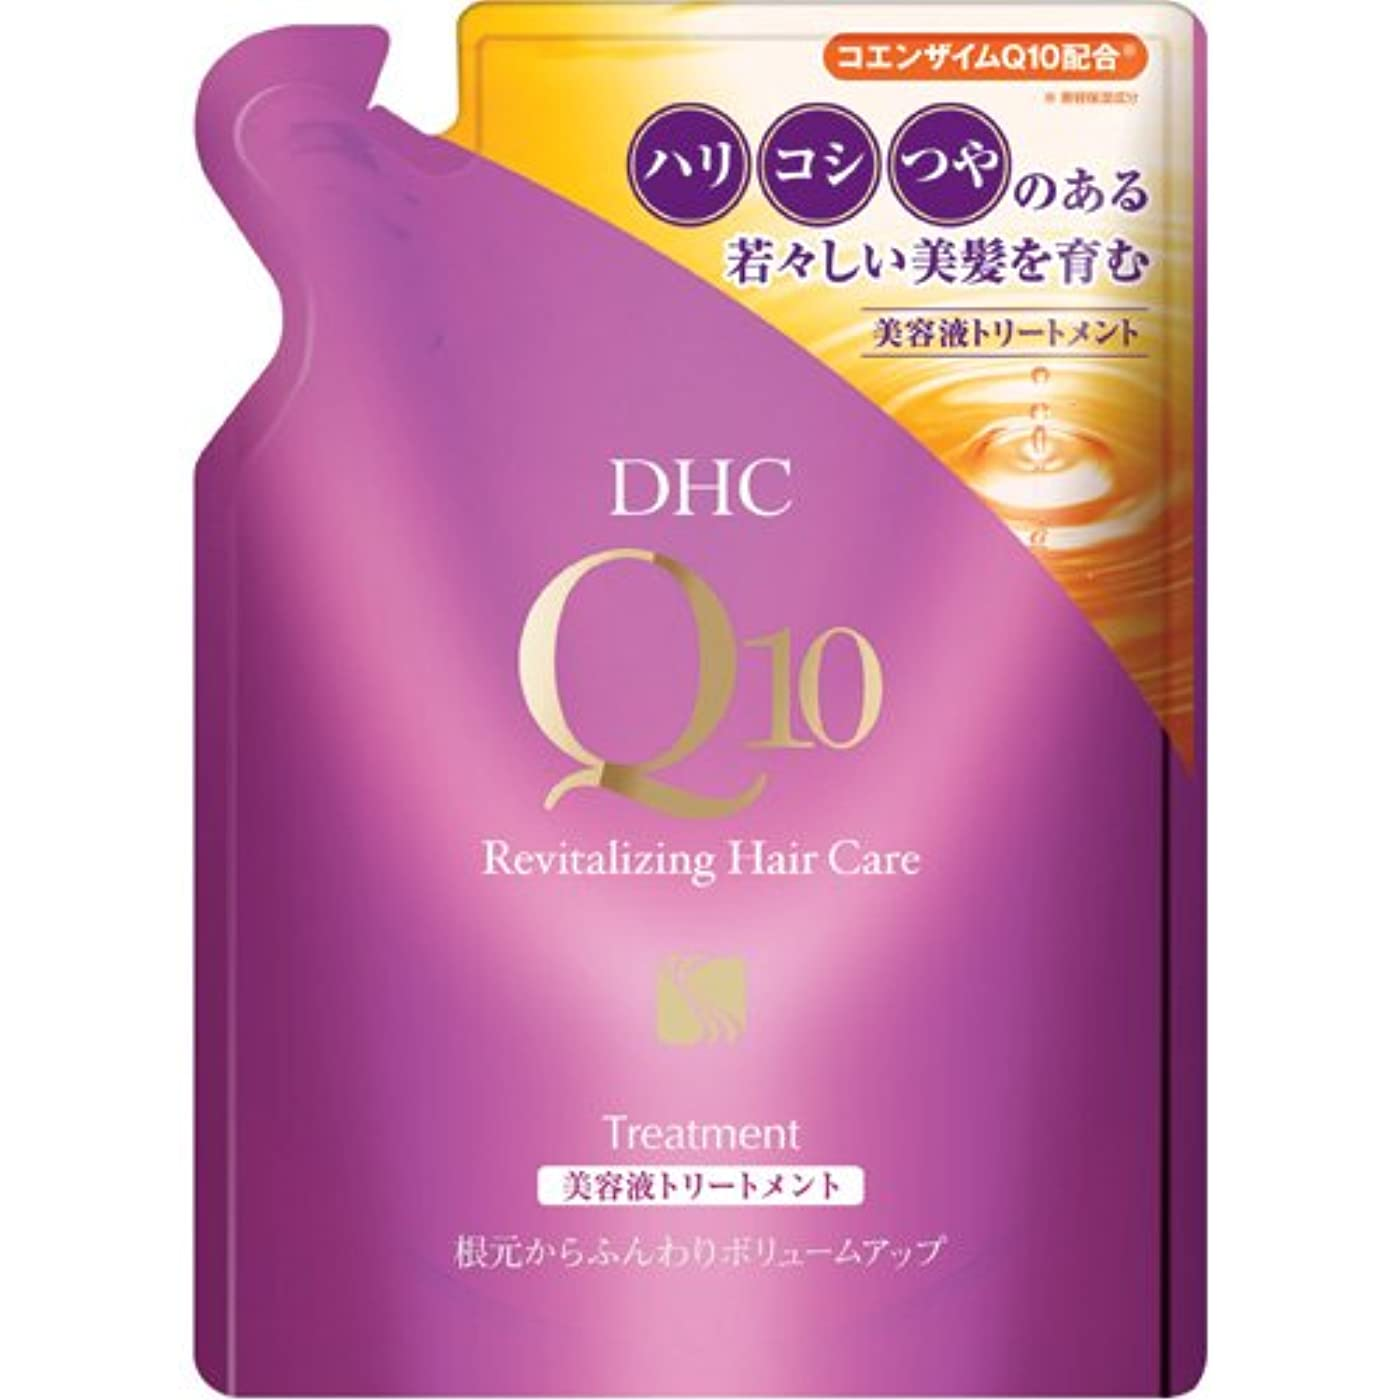 レイトーン起きるDHC Q10美容液 トリートメント 詰め替え用 (SS) 240ml